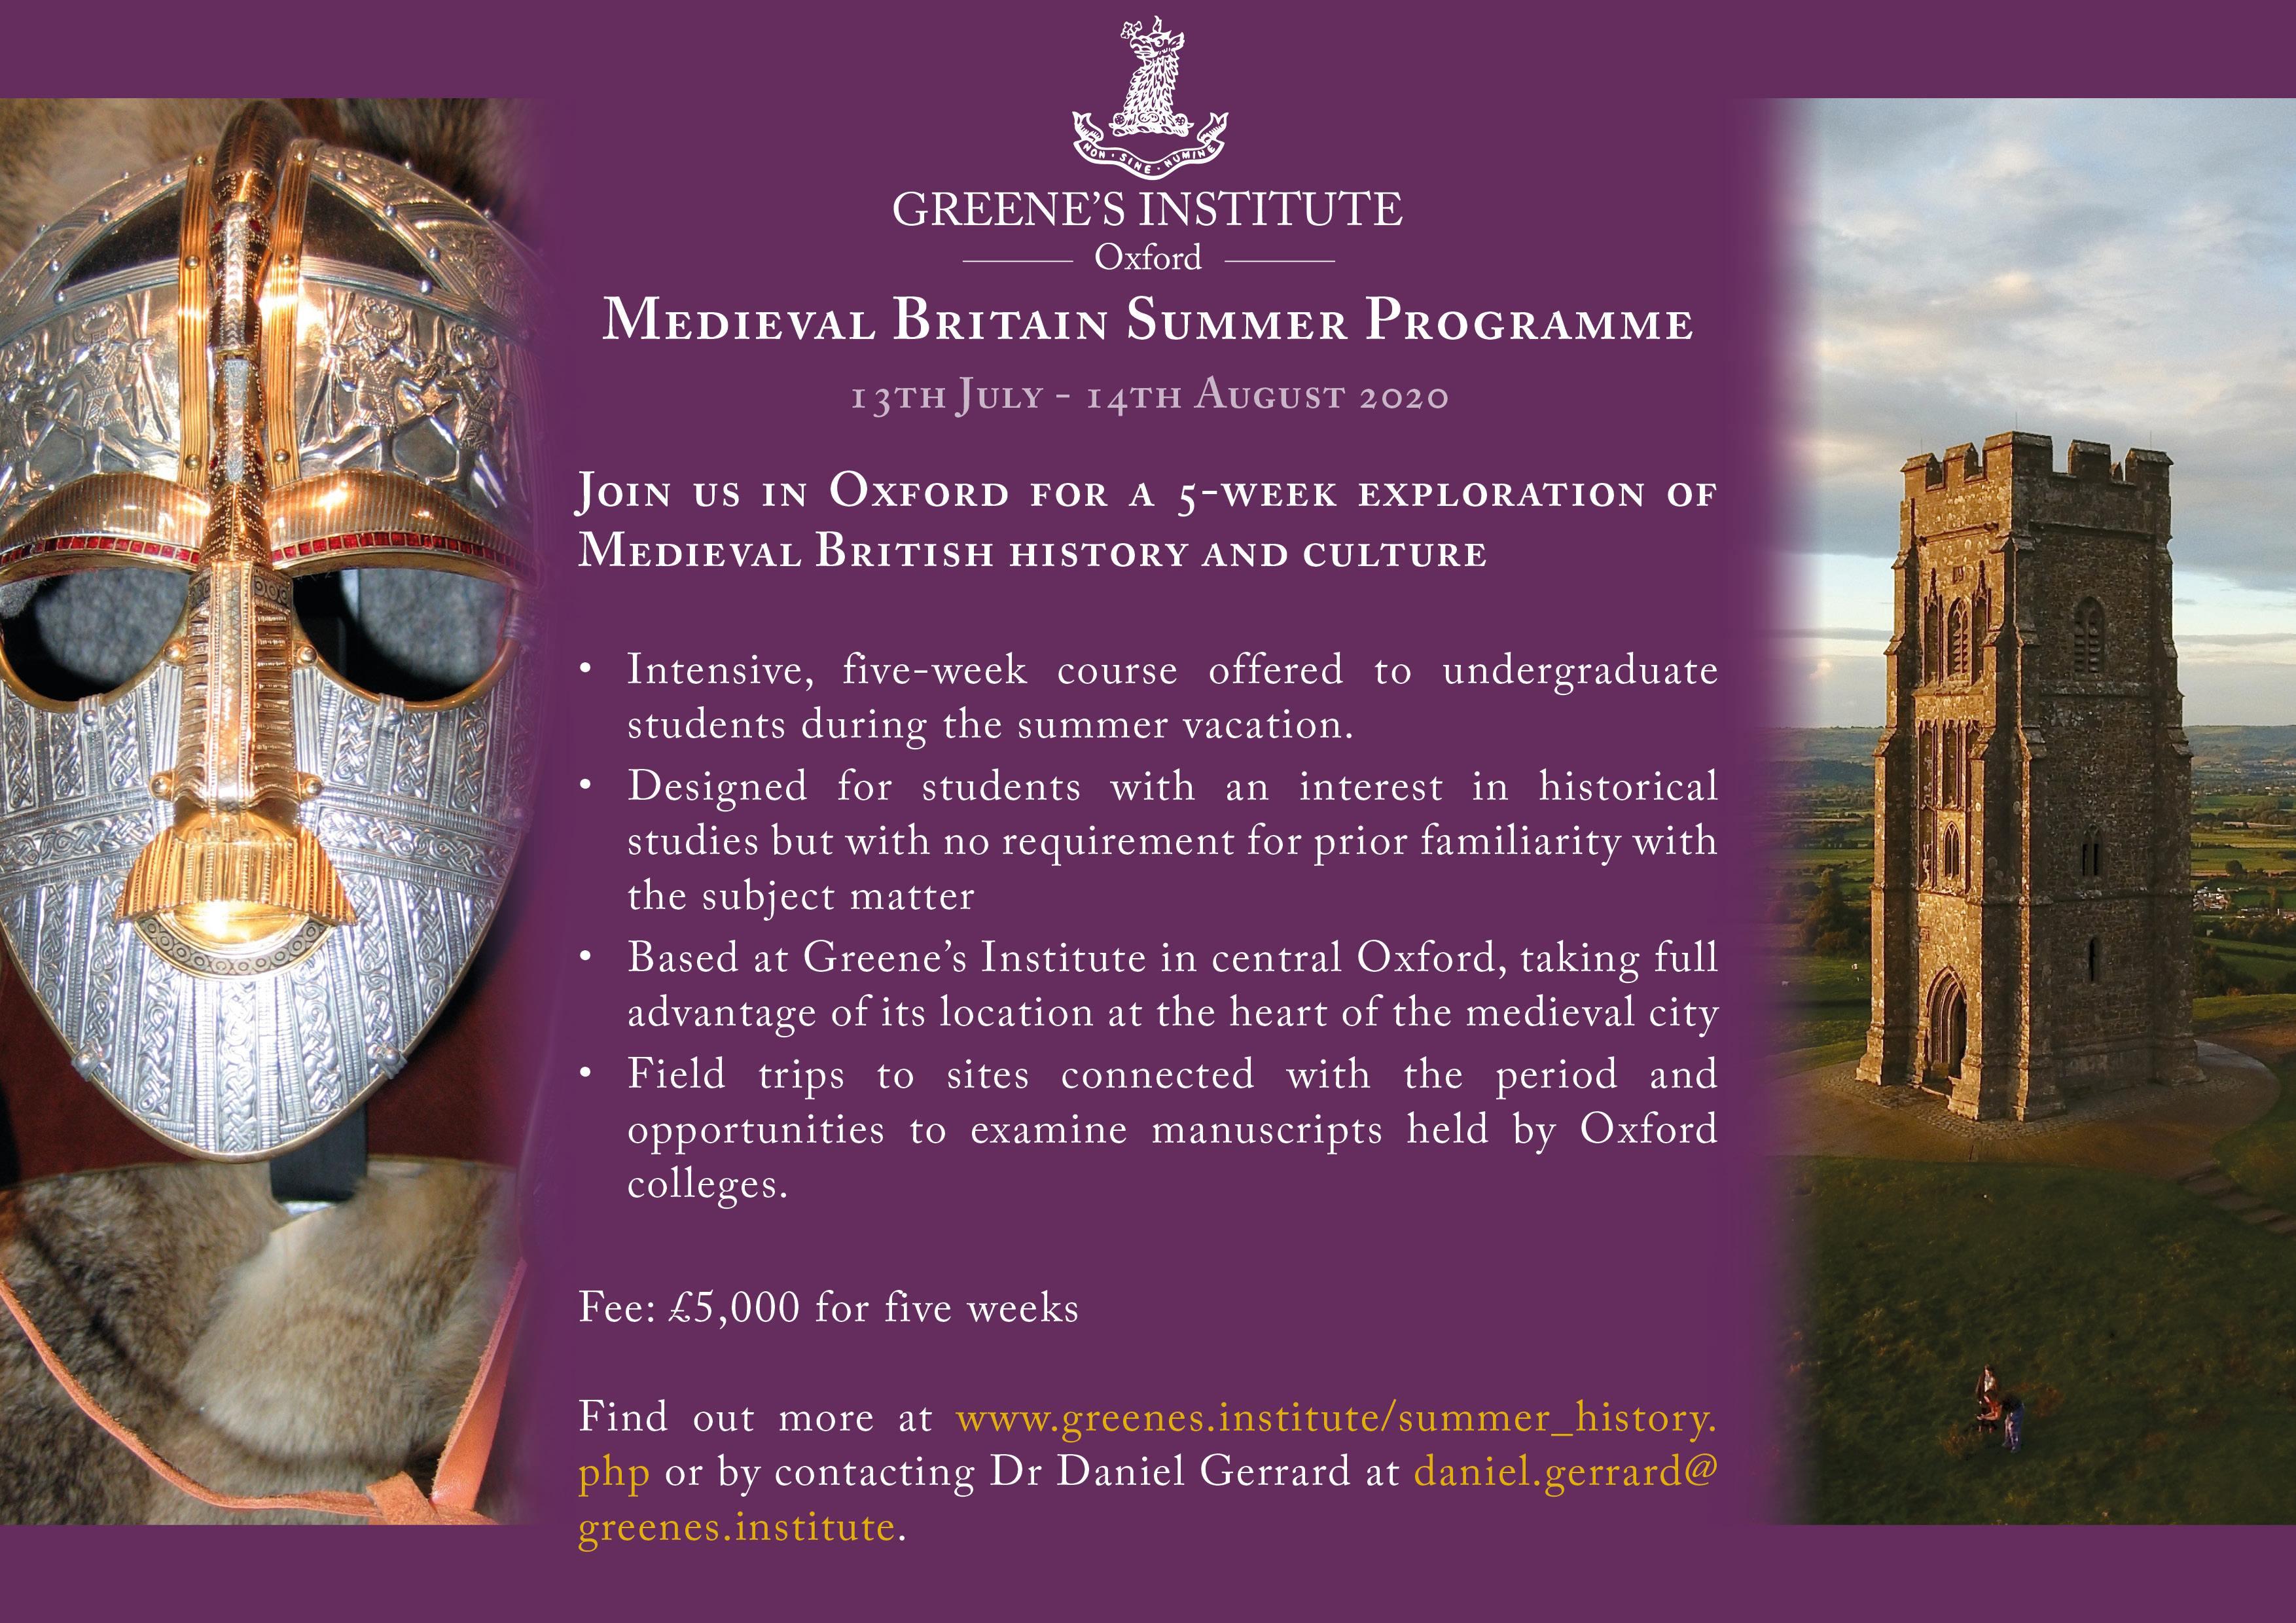 Medieval Britain Summer Programme